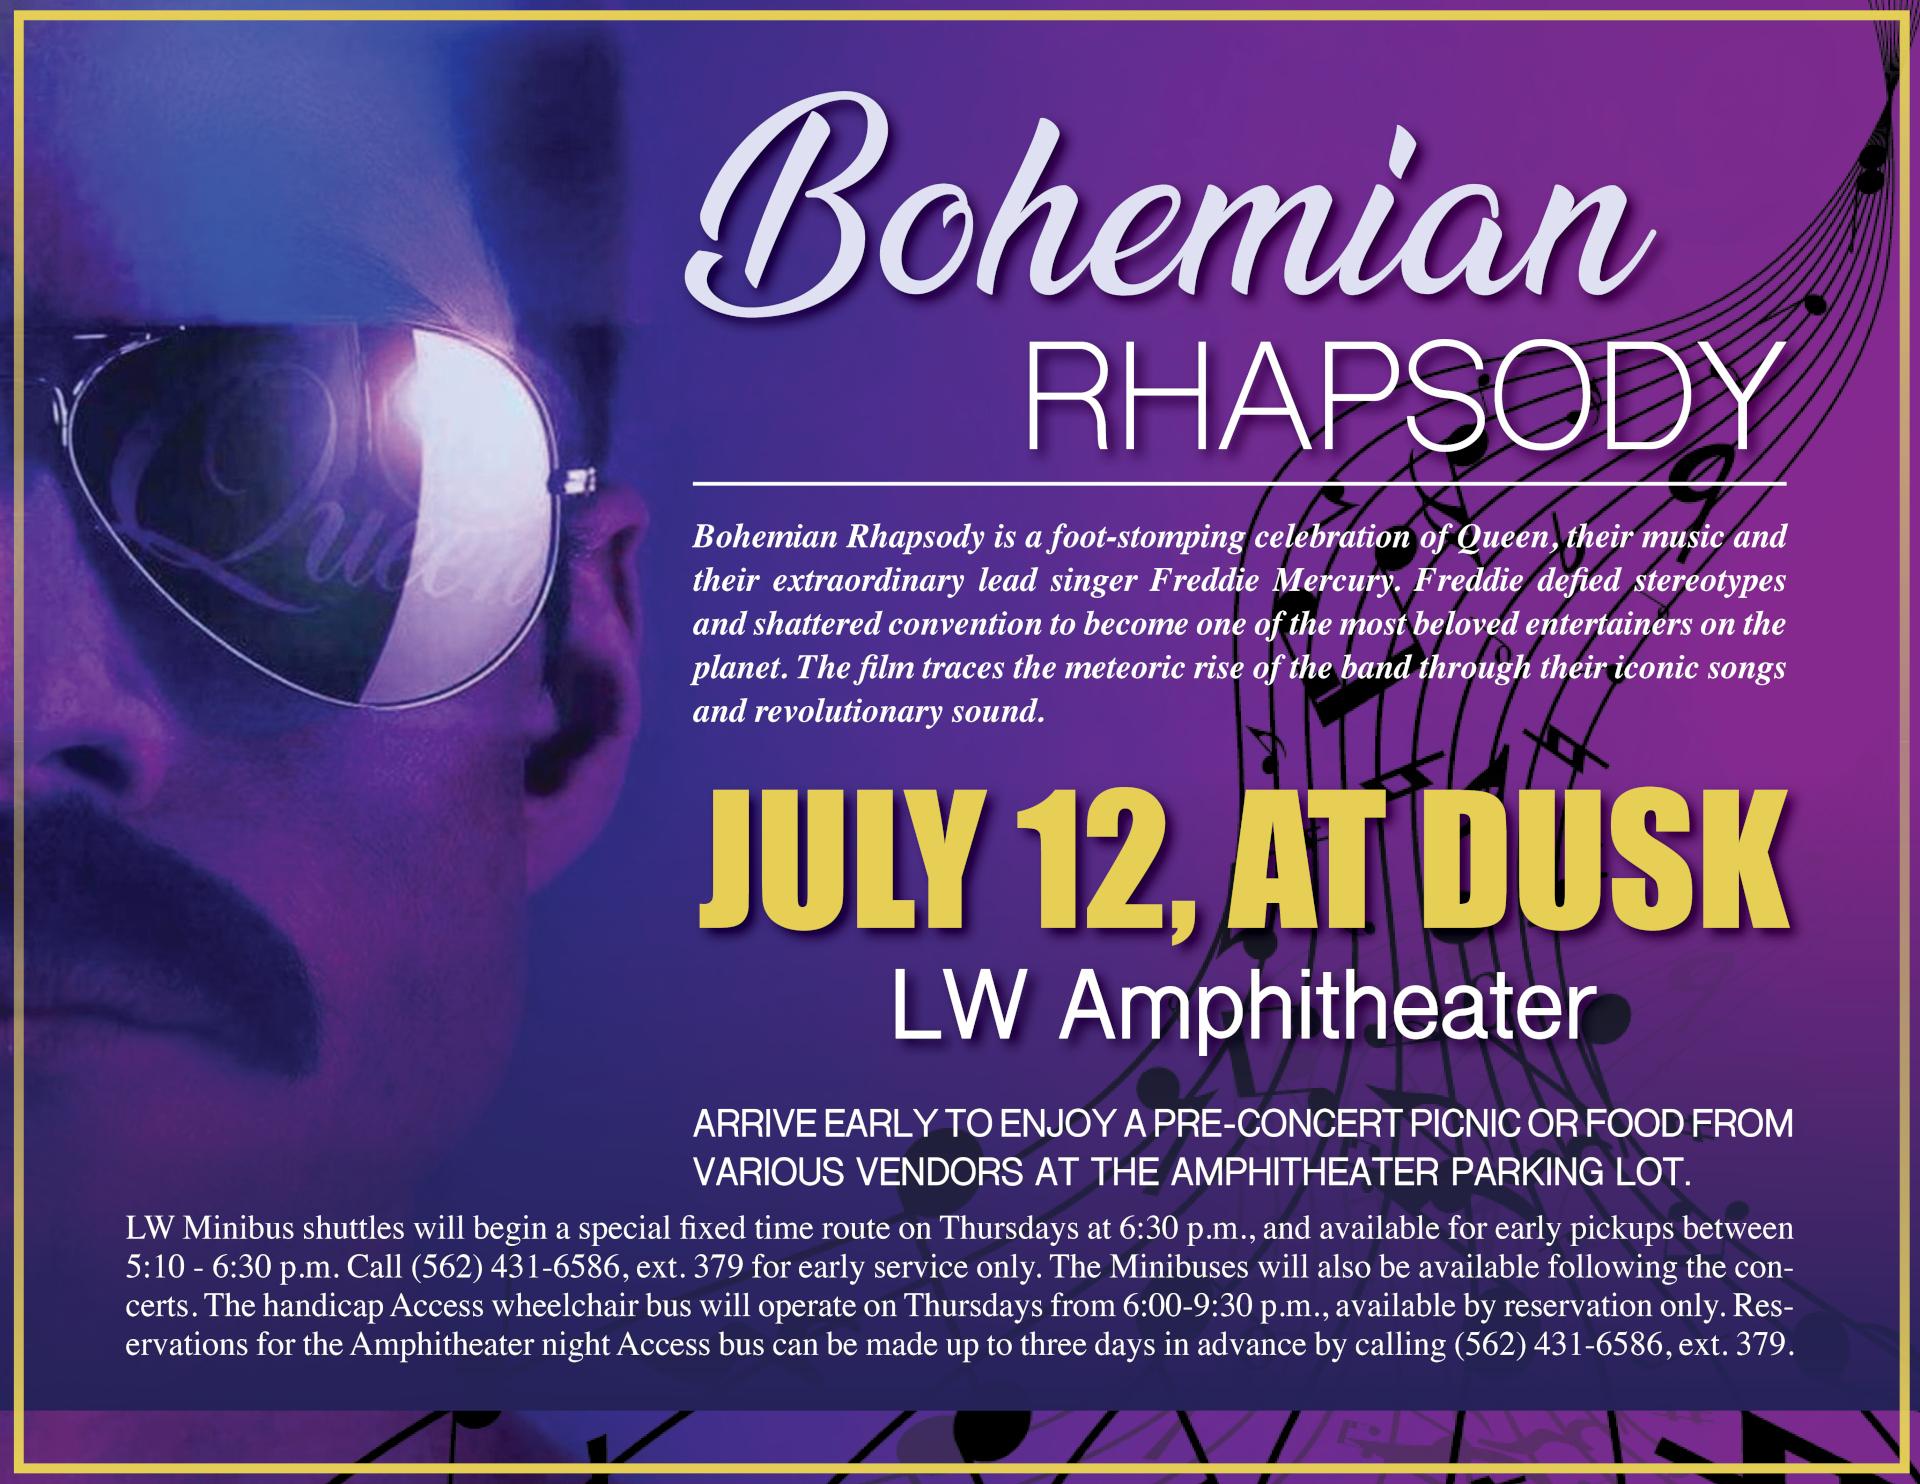 Bohemian rhapsody 07-12